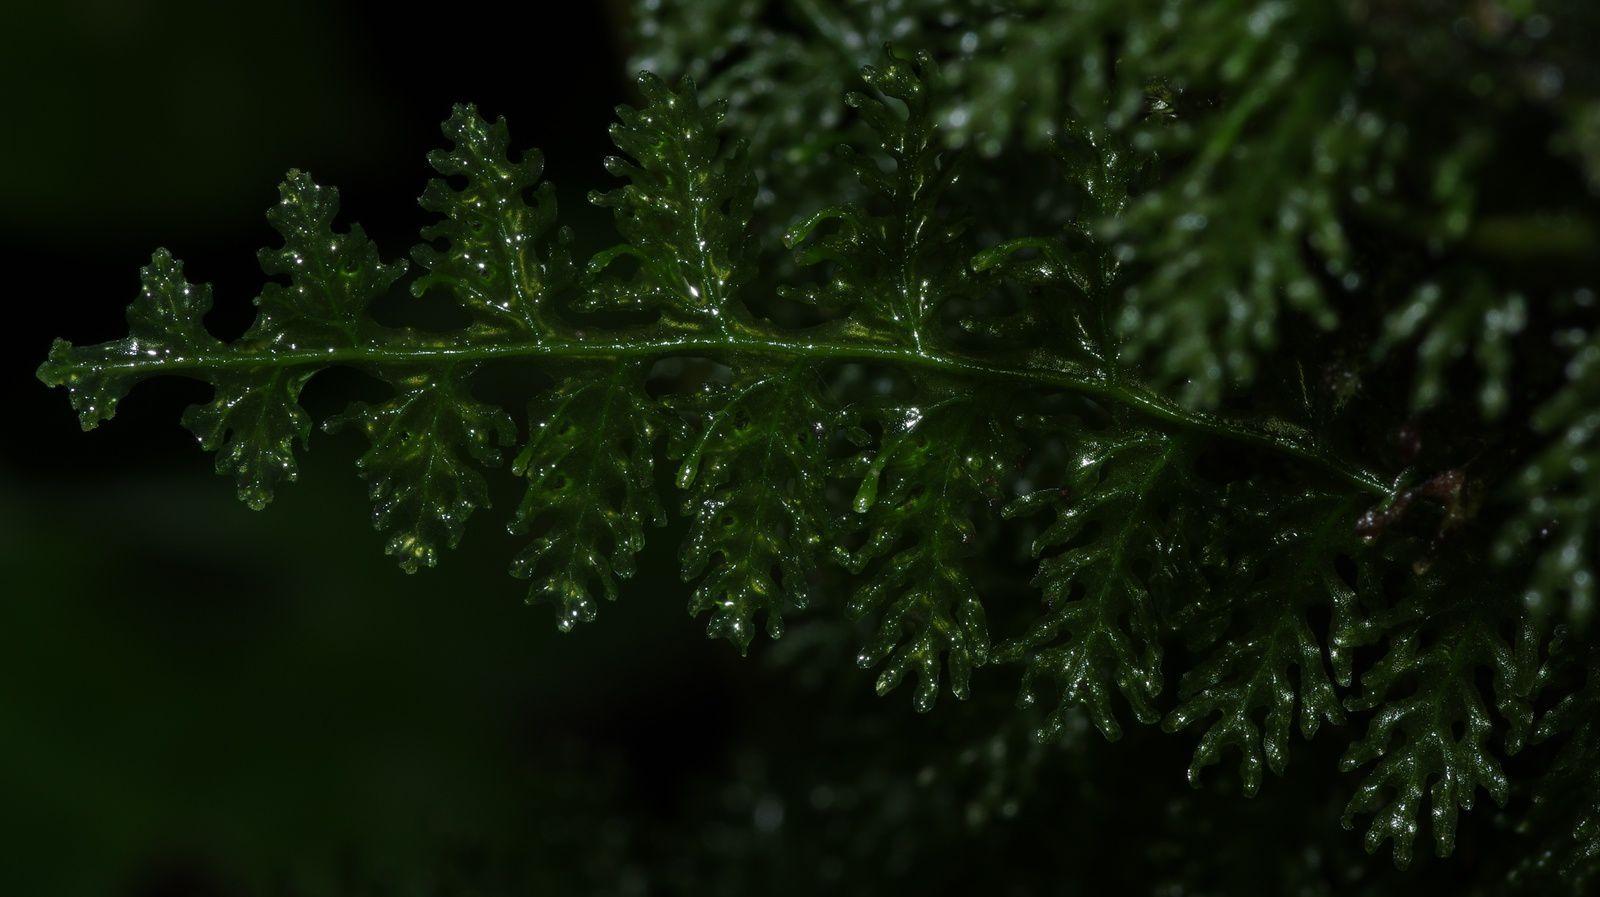 Trichomanes pedicellatum